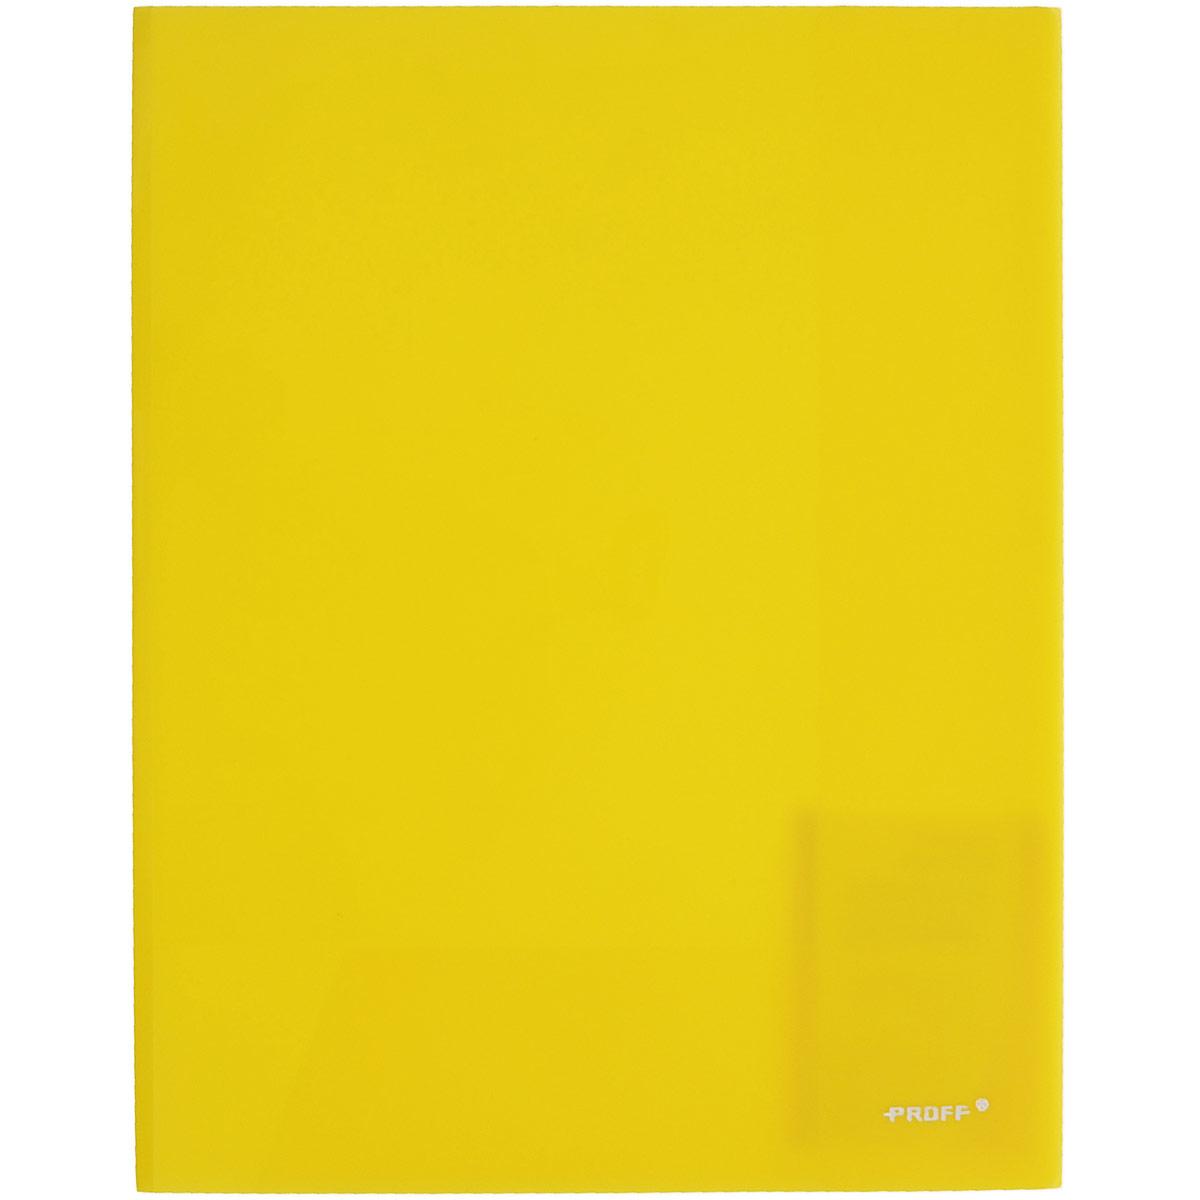 Proff Папка-уголок цвет желтый 2 клапанаATm_50502Папка-уголок Proff, изготовленная из высококачественного полипропилена -это удобный и практичный офисный инструмент, предназначенный для хранения и транспортировки рабочих бумаг и документов формата А4.Полупрозрачная папка оснащена двумя клапана внутри для надежного удержания бумаг.Папка-уголок - это незаменимый атрибут для студента, школьника, офисного работника. Такая папка надежно сохранит ваши документы и сбережет их от повреждений, пыли и влаги.